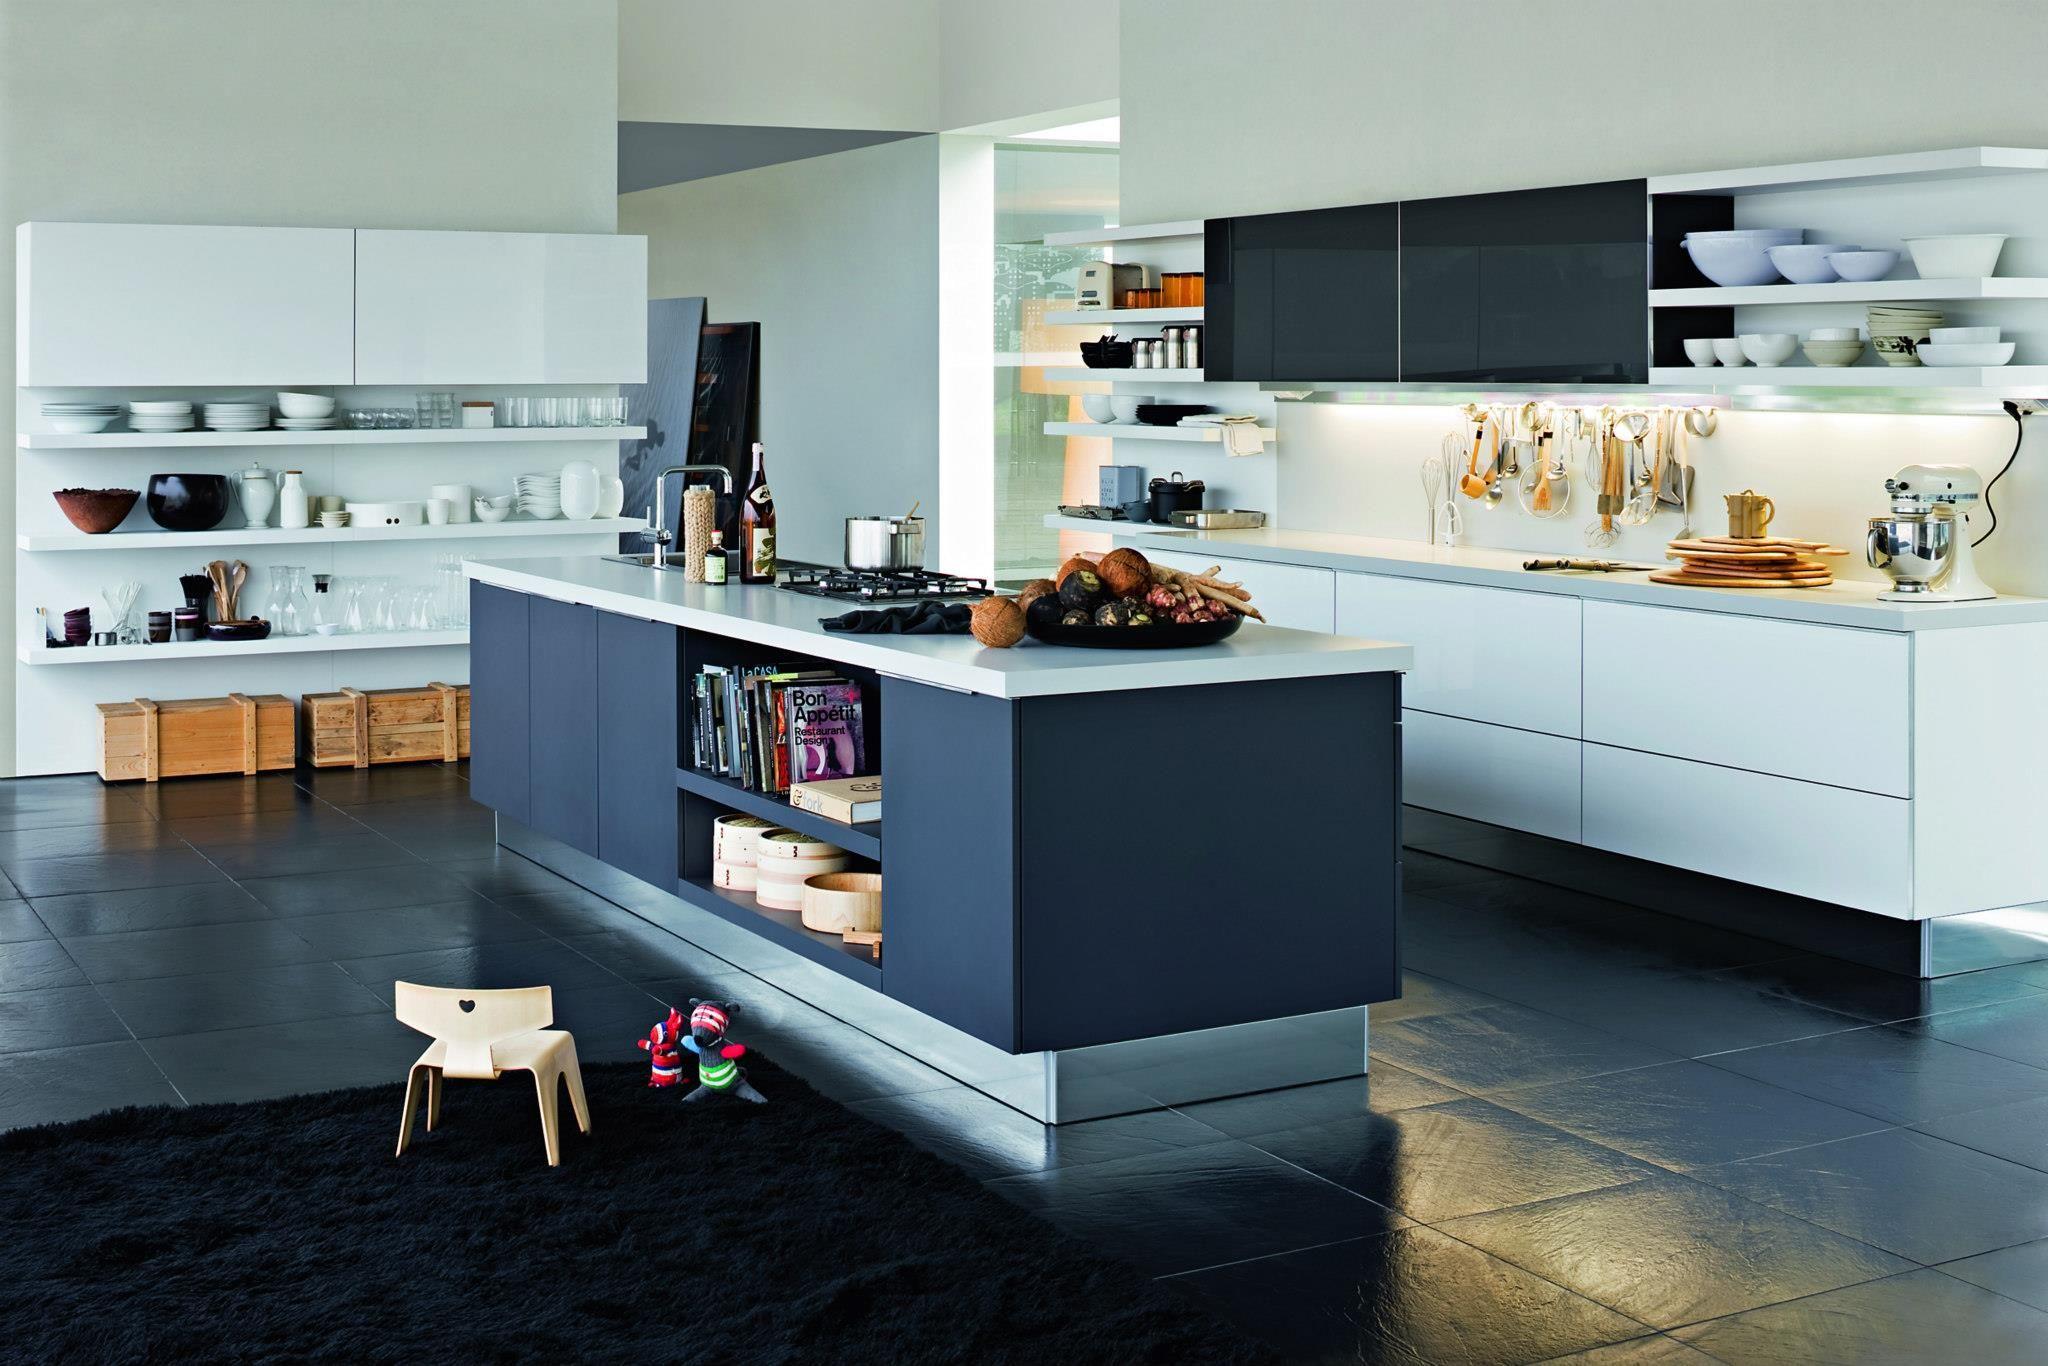 Tolle Rabatt Küchenschrank Knöpfe Zieht Fotos - Ideen Für Die Küche ...